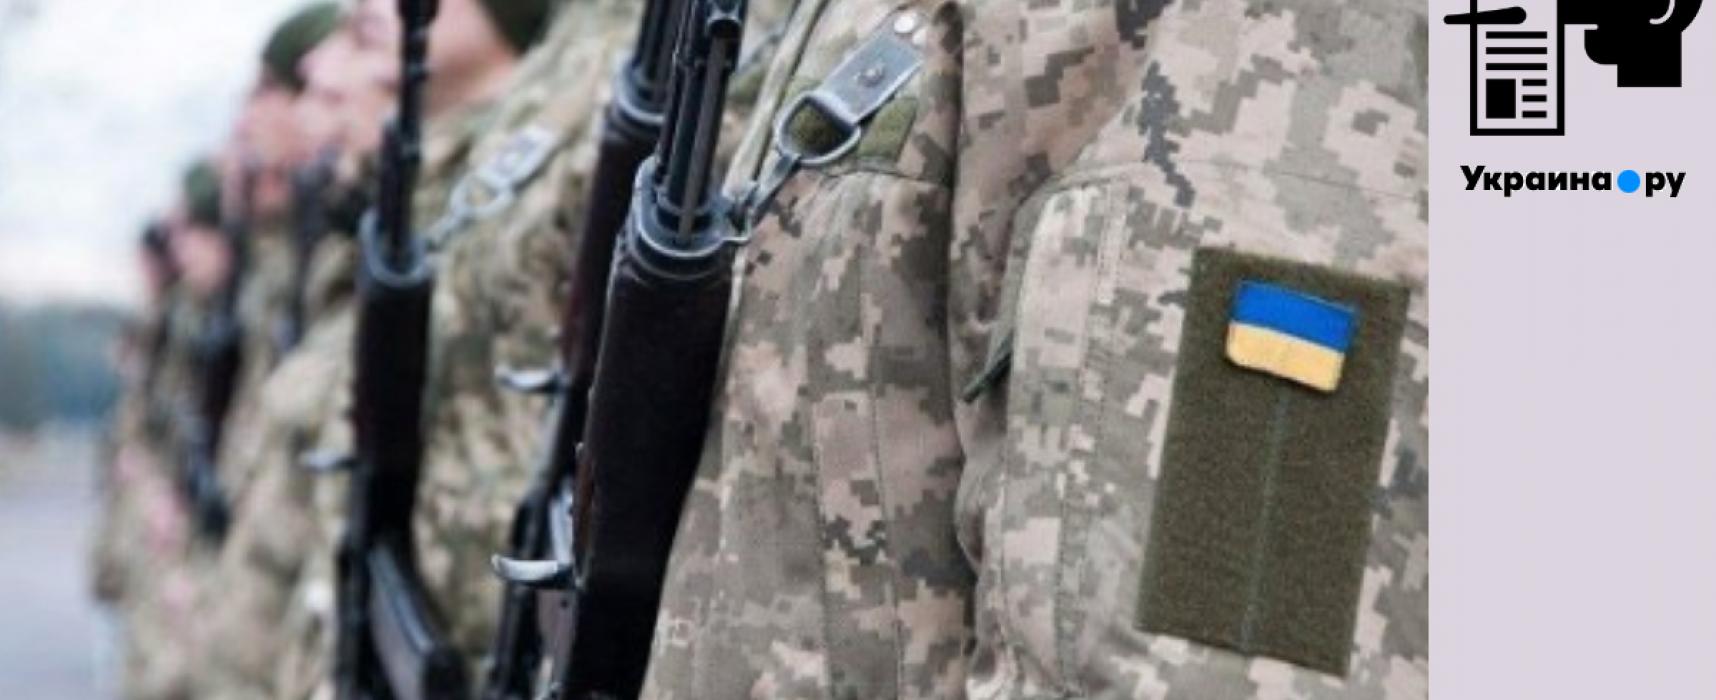 Фейк: Украински военни разстреляли опашка на пункт за пропуск в Донбас